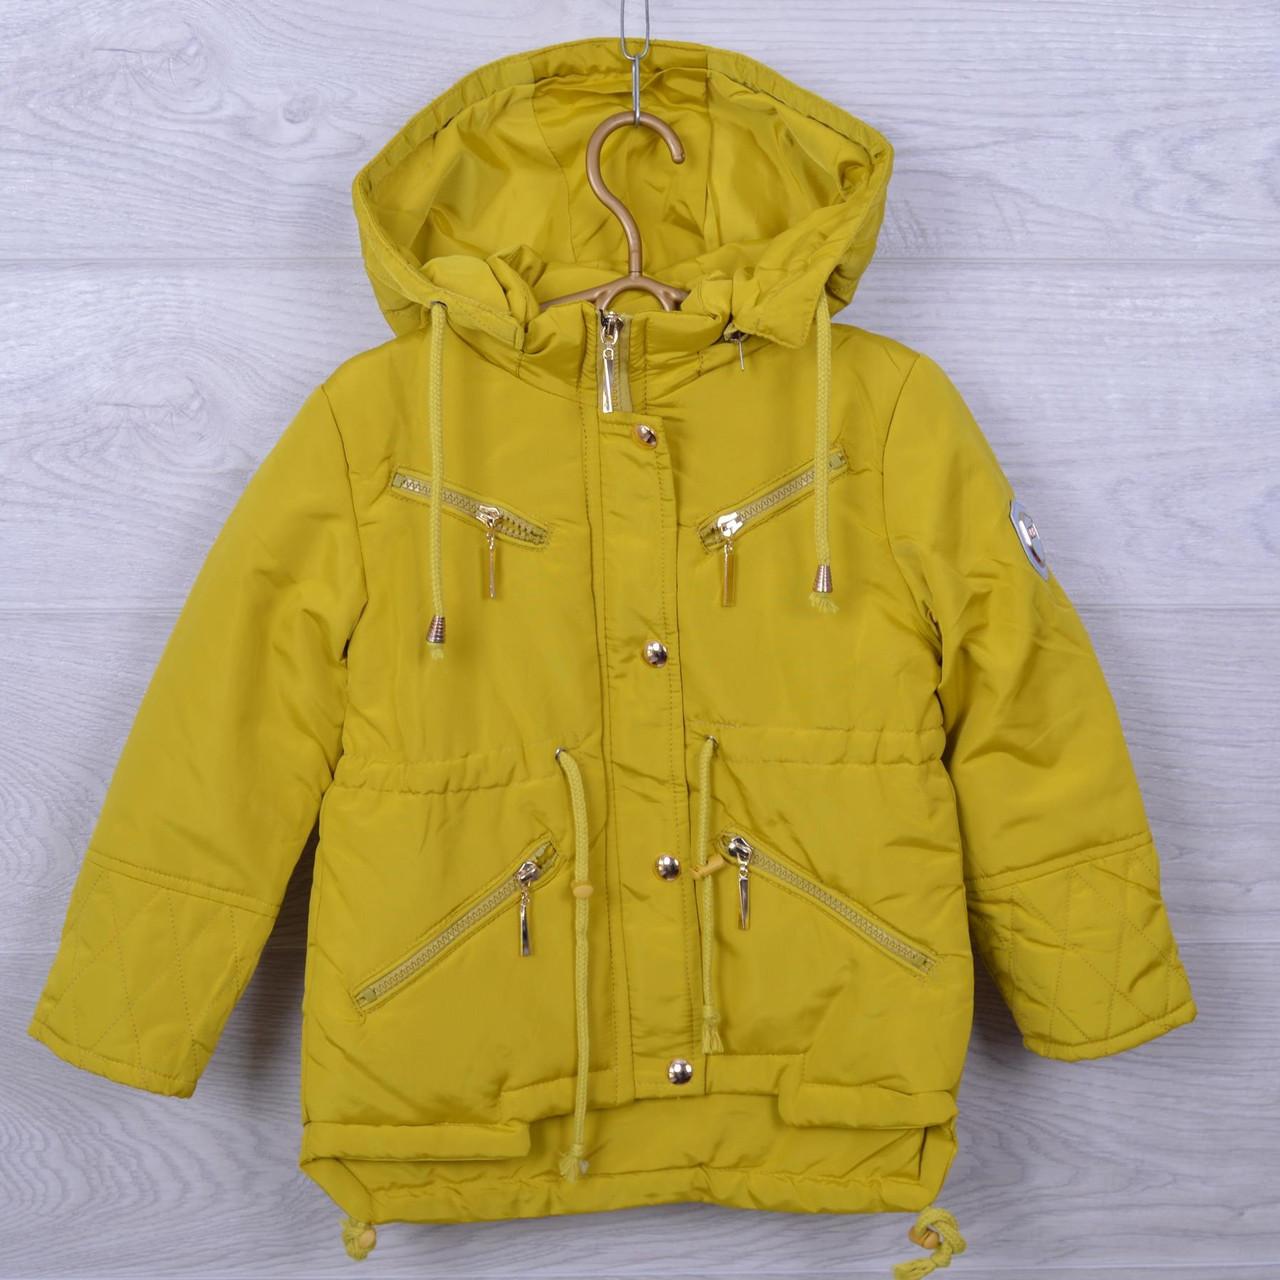 Куртка подростковая демисезонная DX-6606 для девочек. 128-146 см (8-11 лет). Горчица. Оптом.